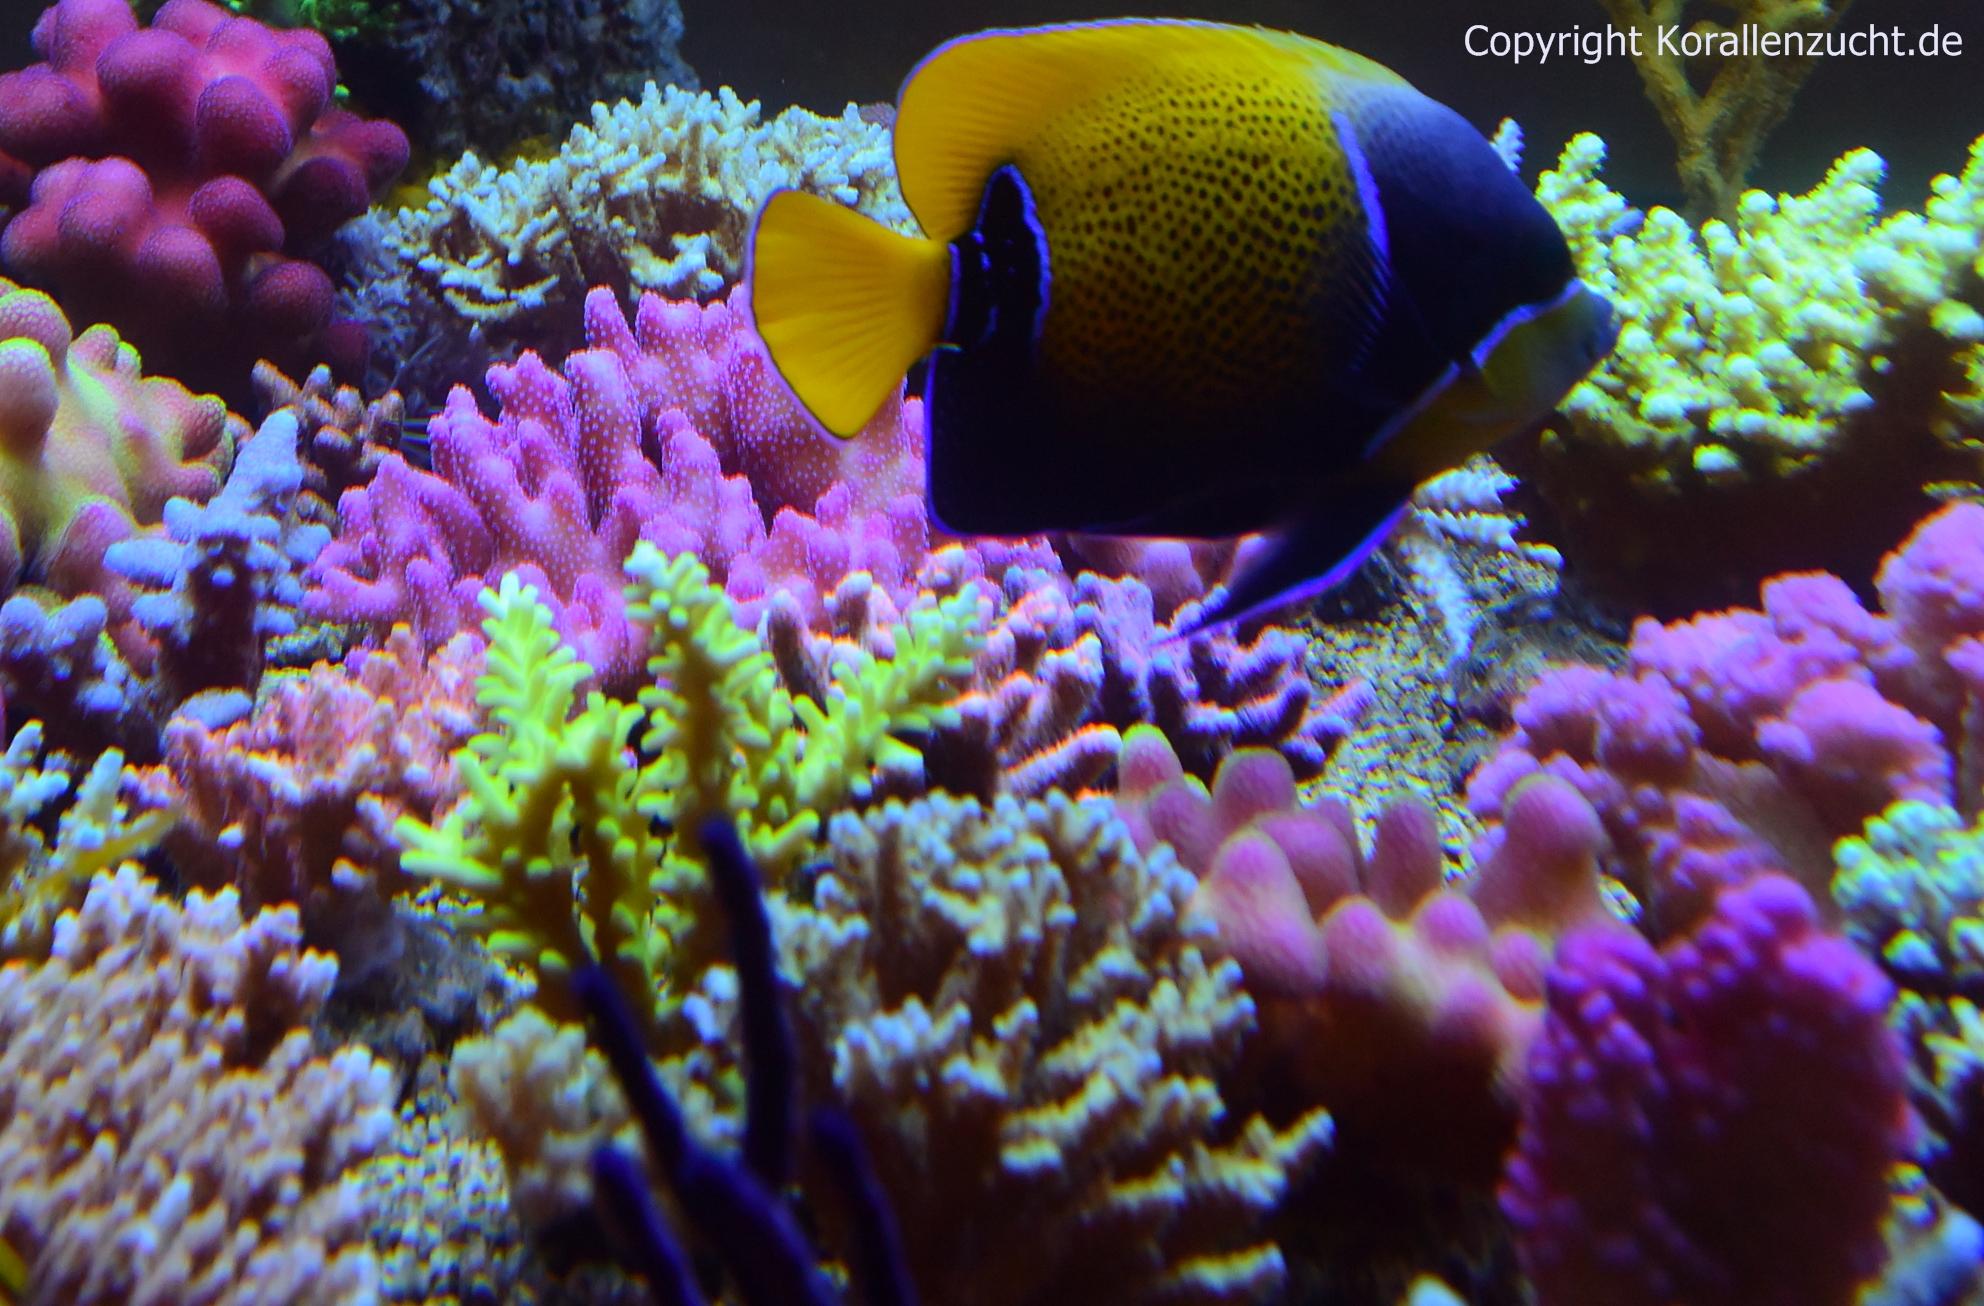 Coral Snow Plus Korallen Zucht De